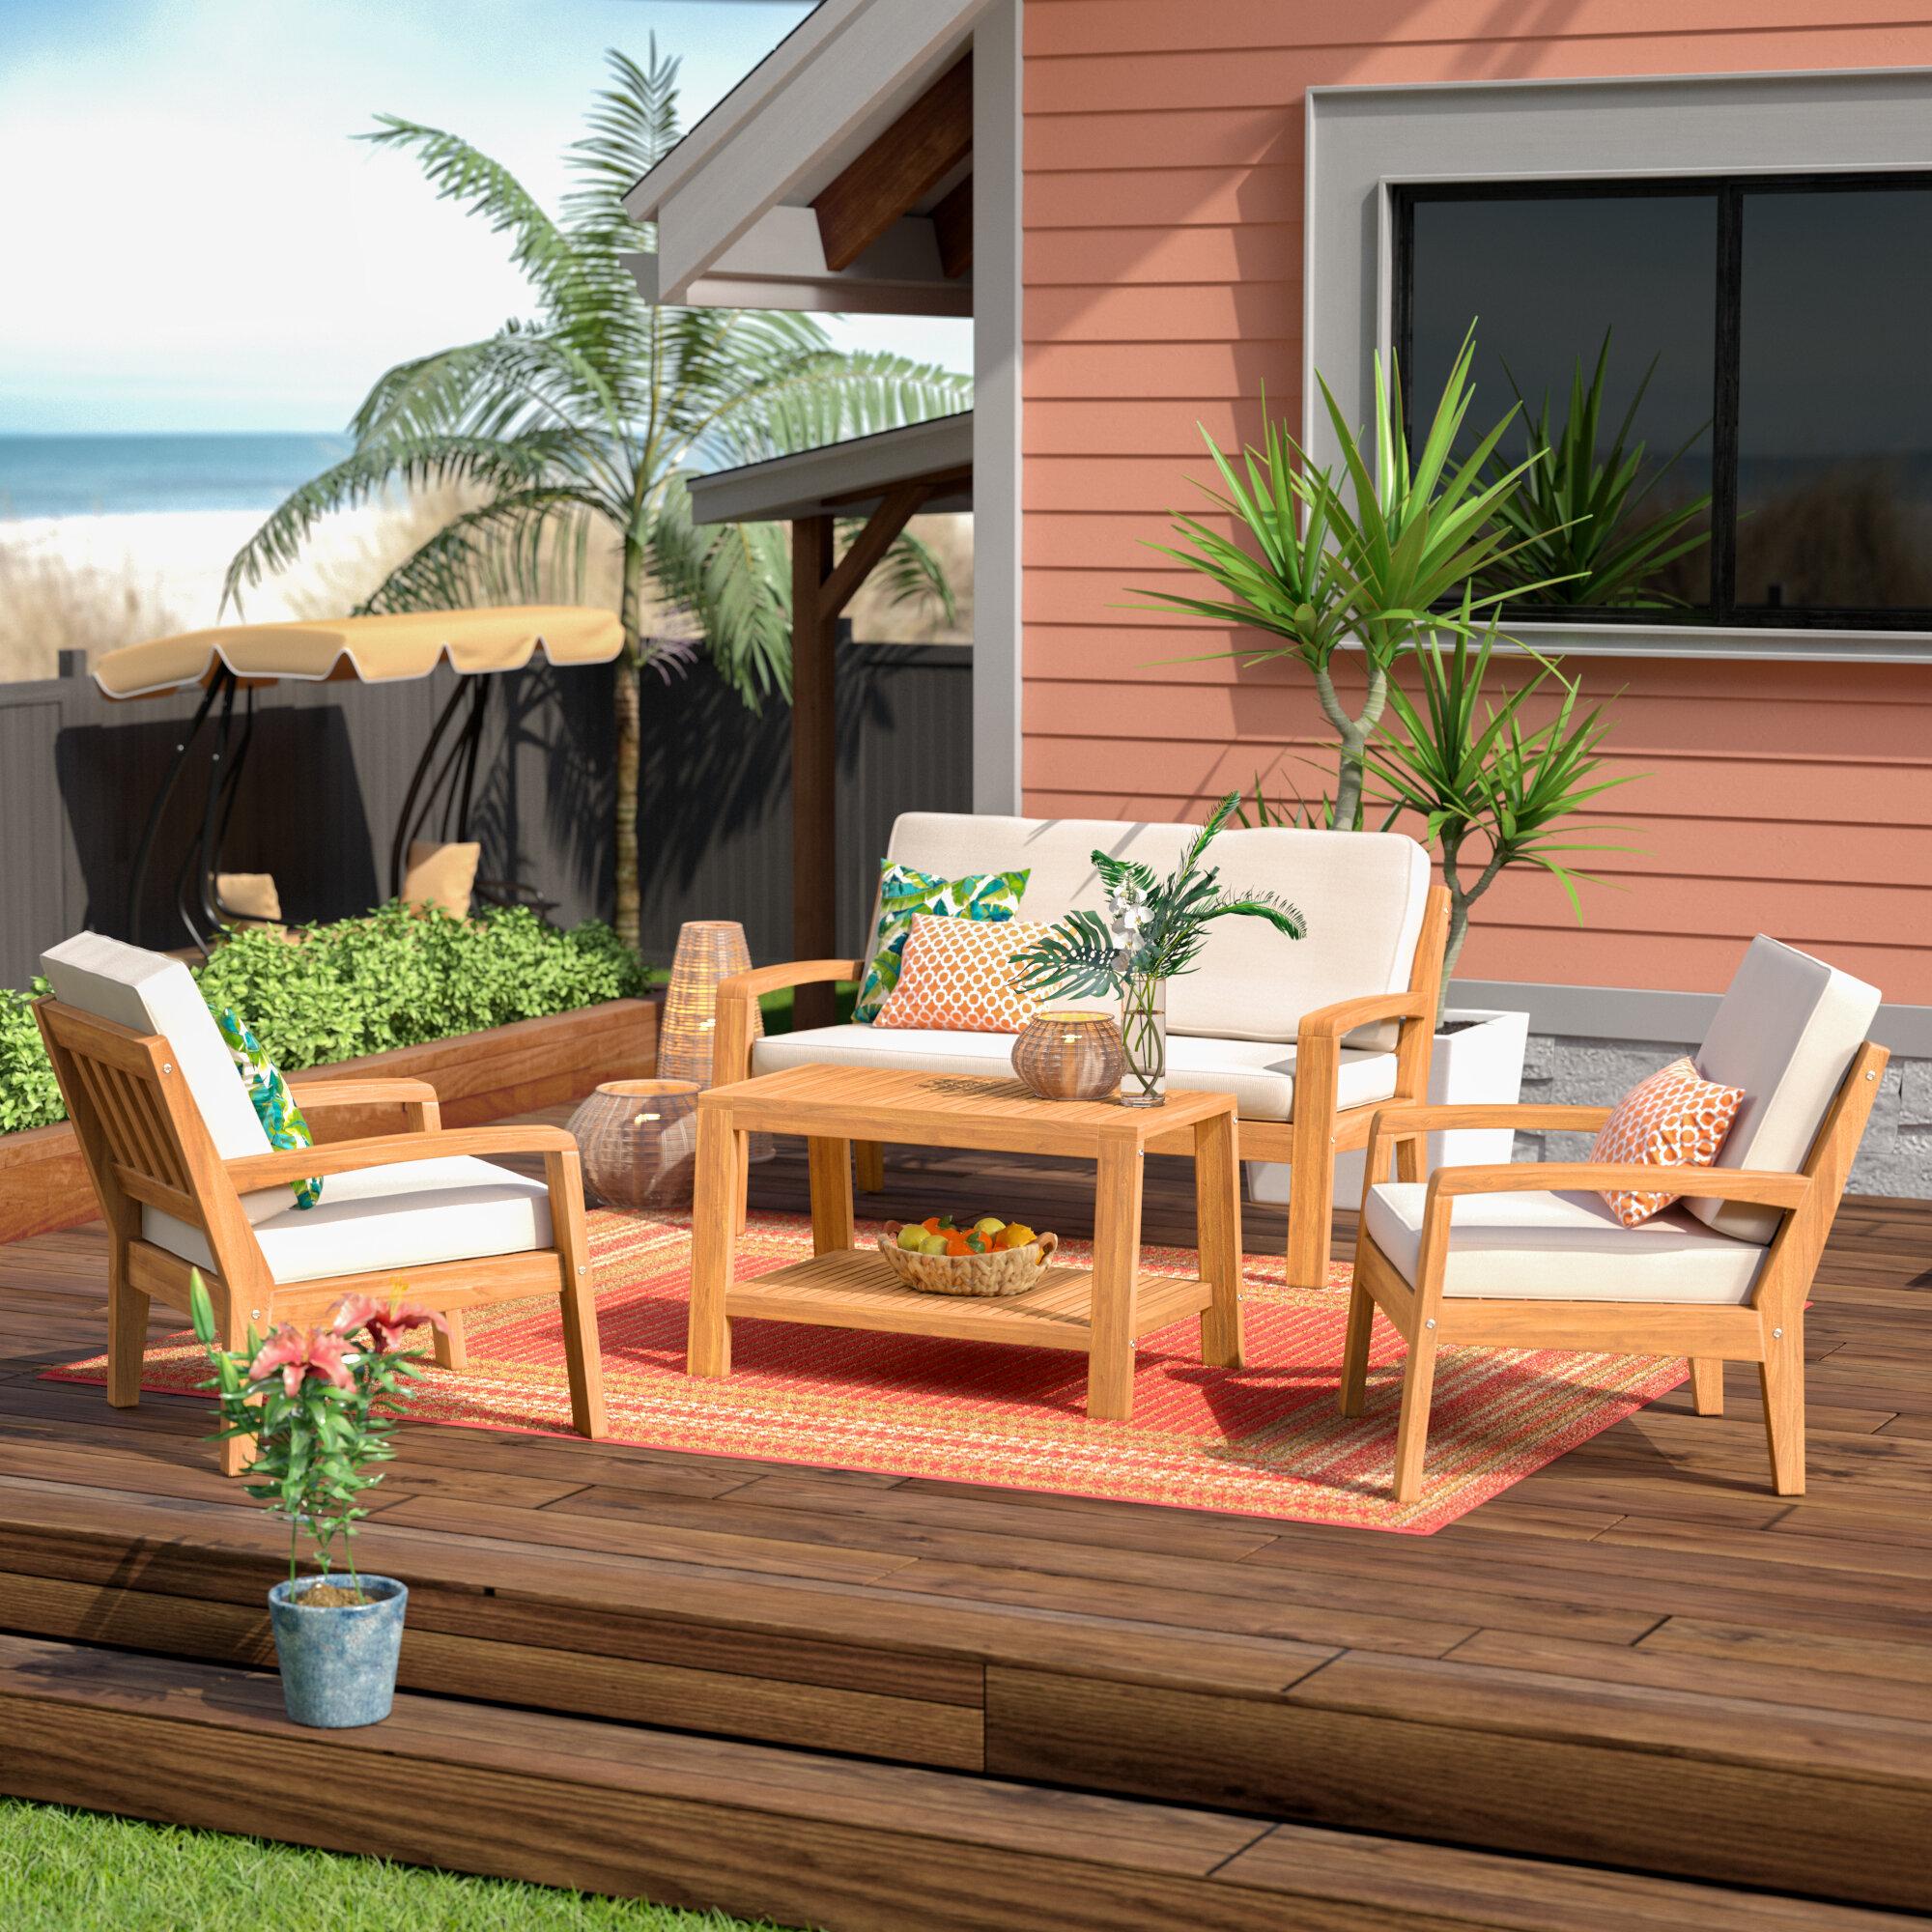 Highland dunes gaia 4 piece sofa set with cushions reviews wayfair